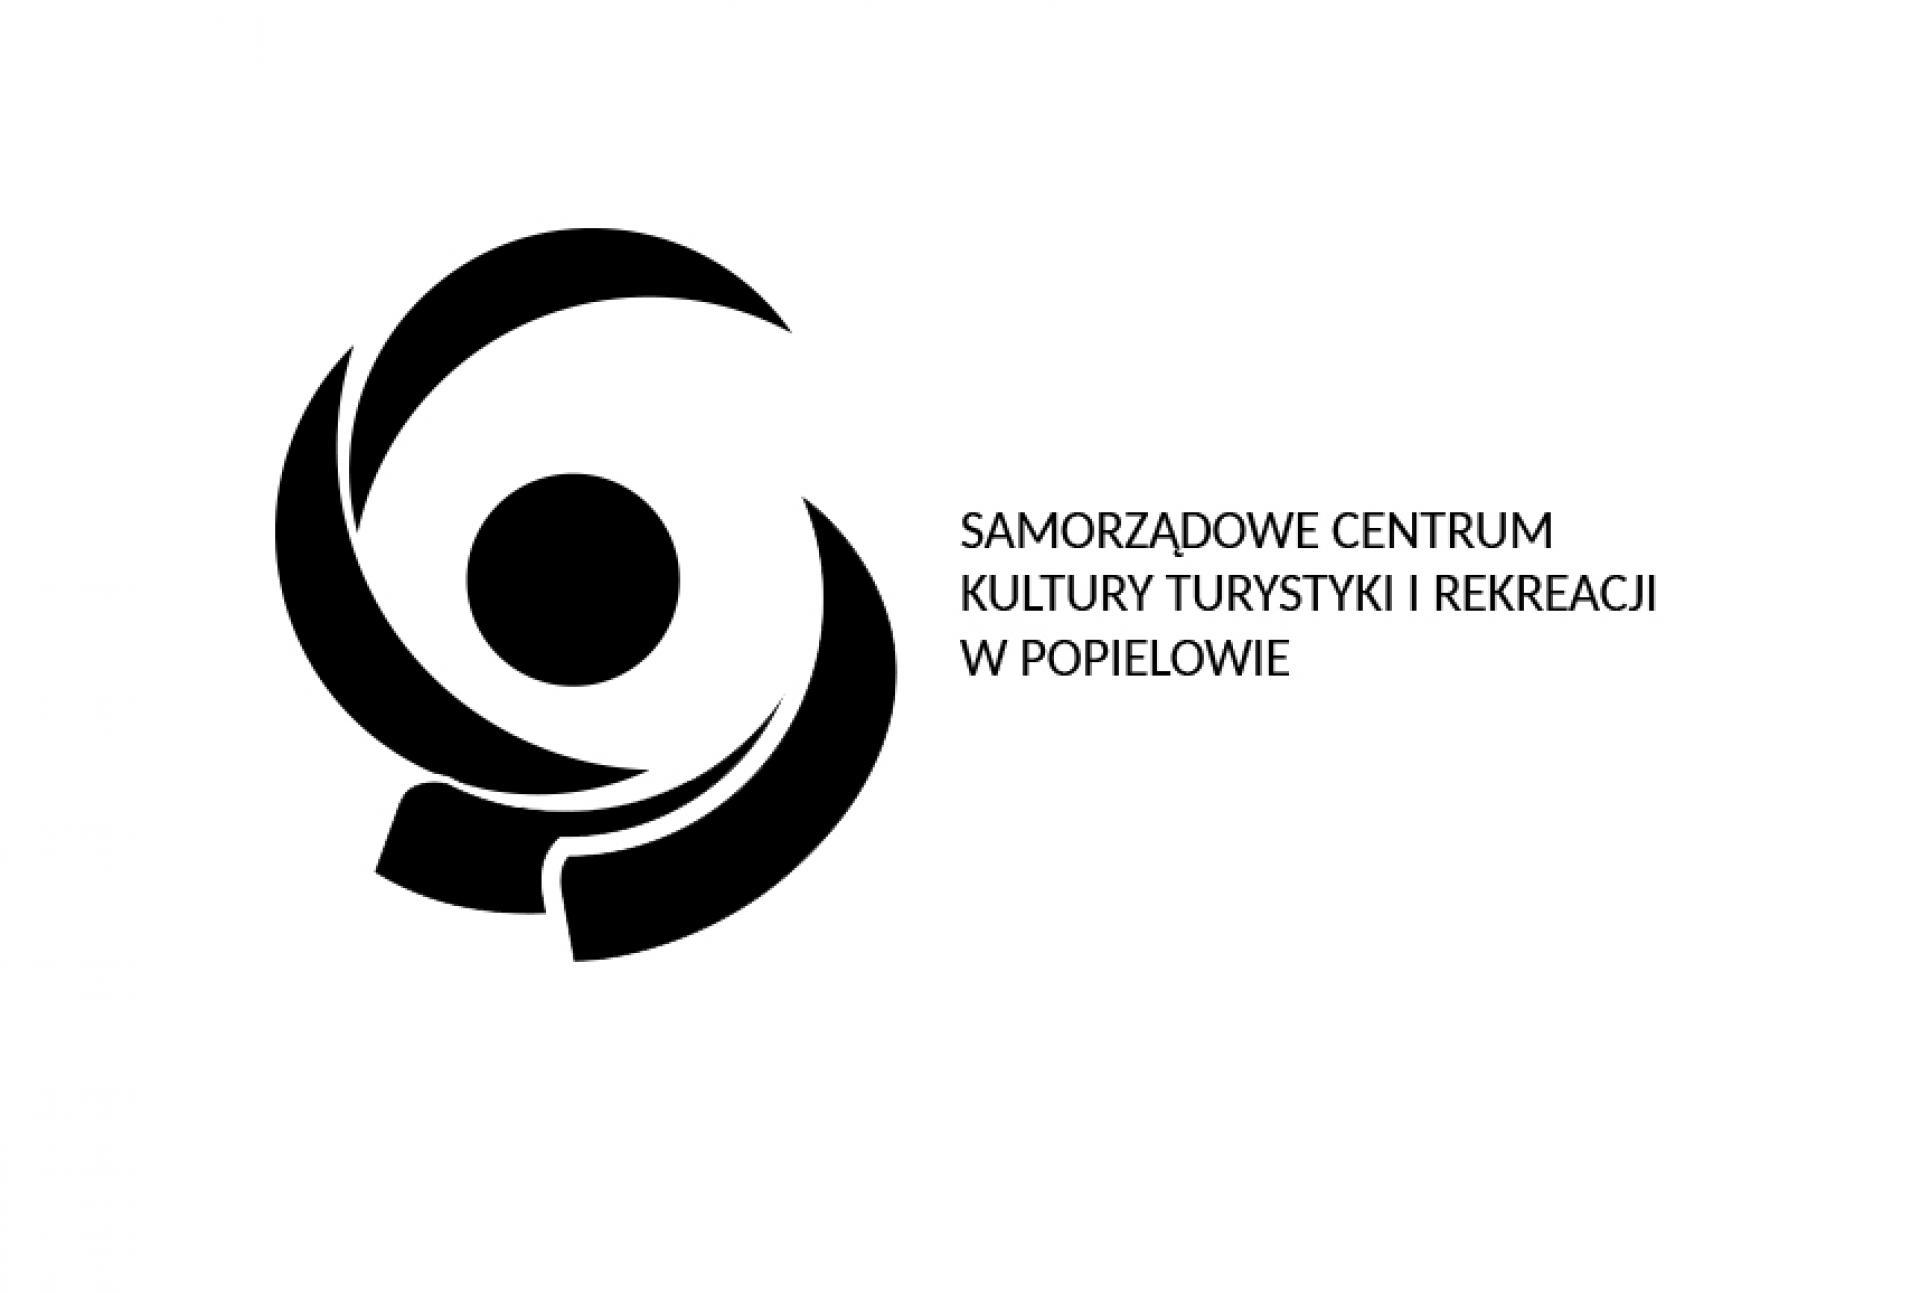 aktualności - Nabór na stanowisko: Referent ds. administracyjno- kadrowych